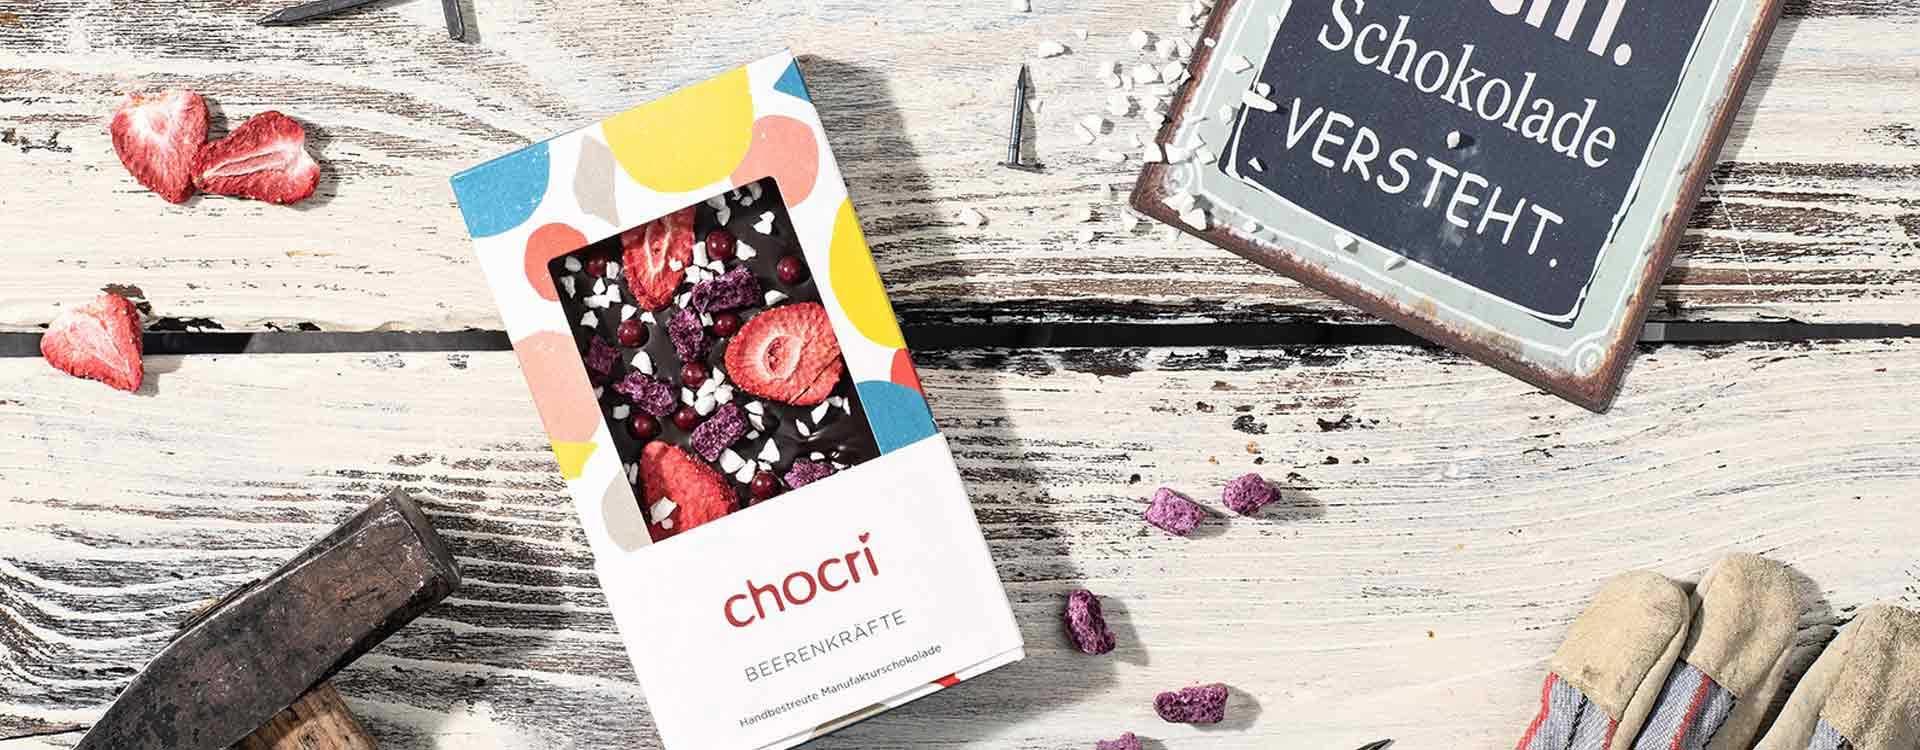 Zur Aufmunterung gute Besserung wünschen und dazu eine leckere Schokolade schenken: Passt oft gut zusammen!